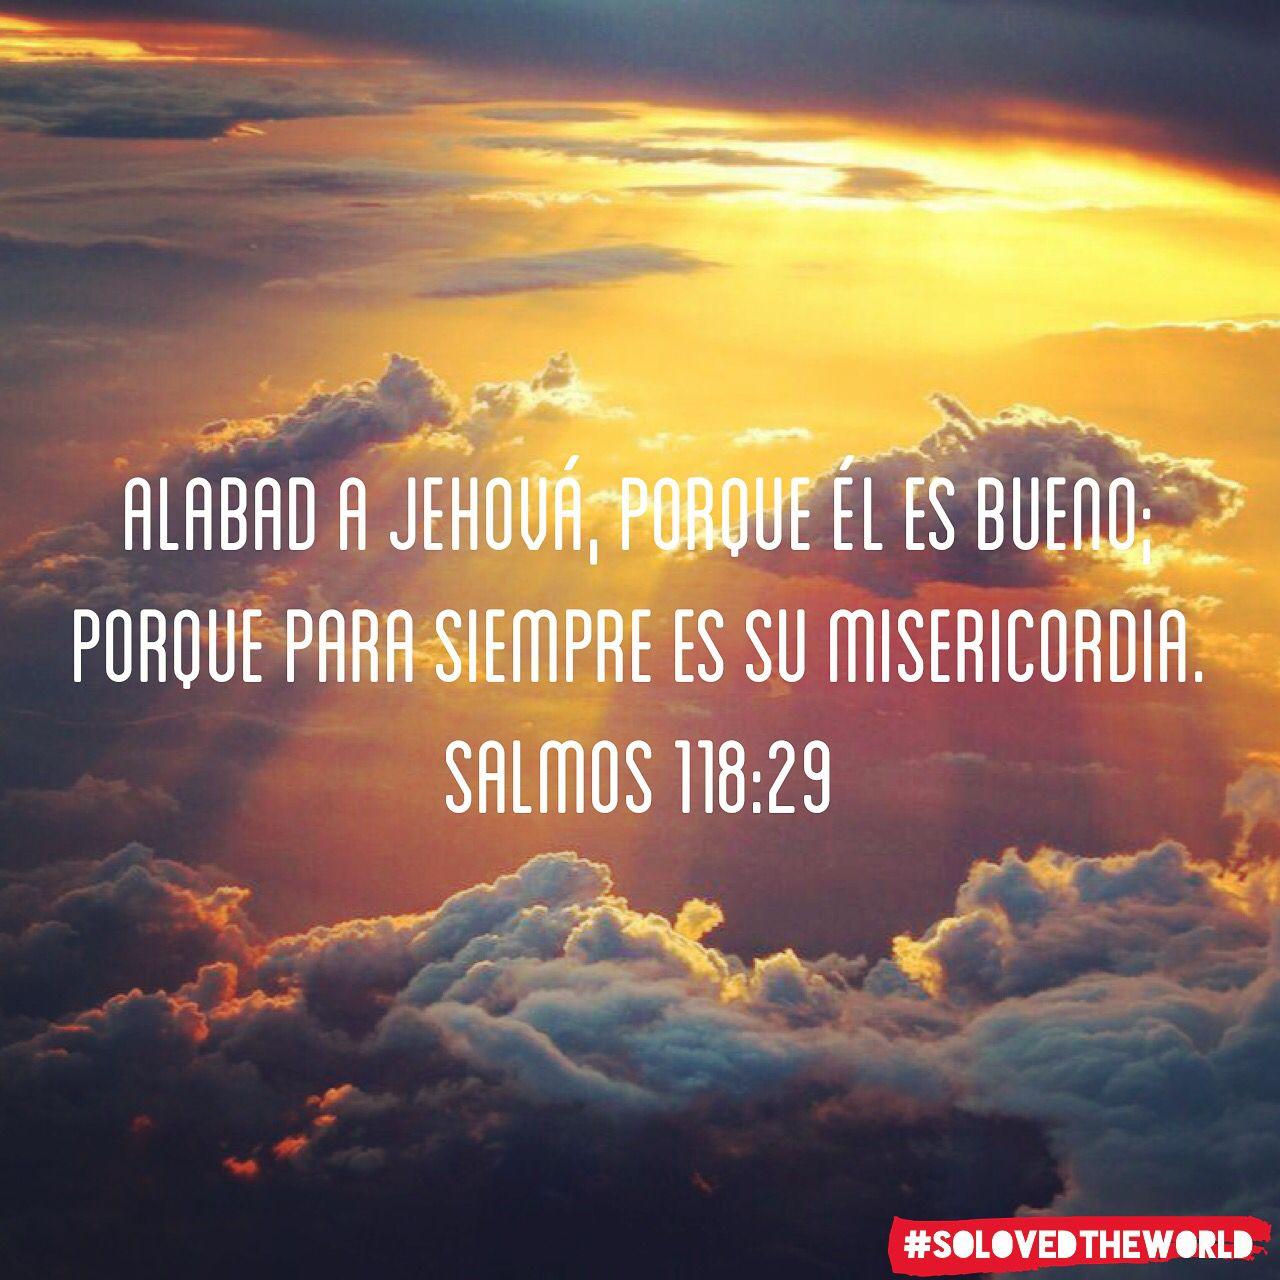 Alabad a Jehová, porque él es bueno; Porque para siempre es su misericordia.  Salmos 118:29 #jesus #god #gospel #bible #love #proyectokerigma #eldiosconocido #ideas #solovedtheworld